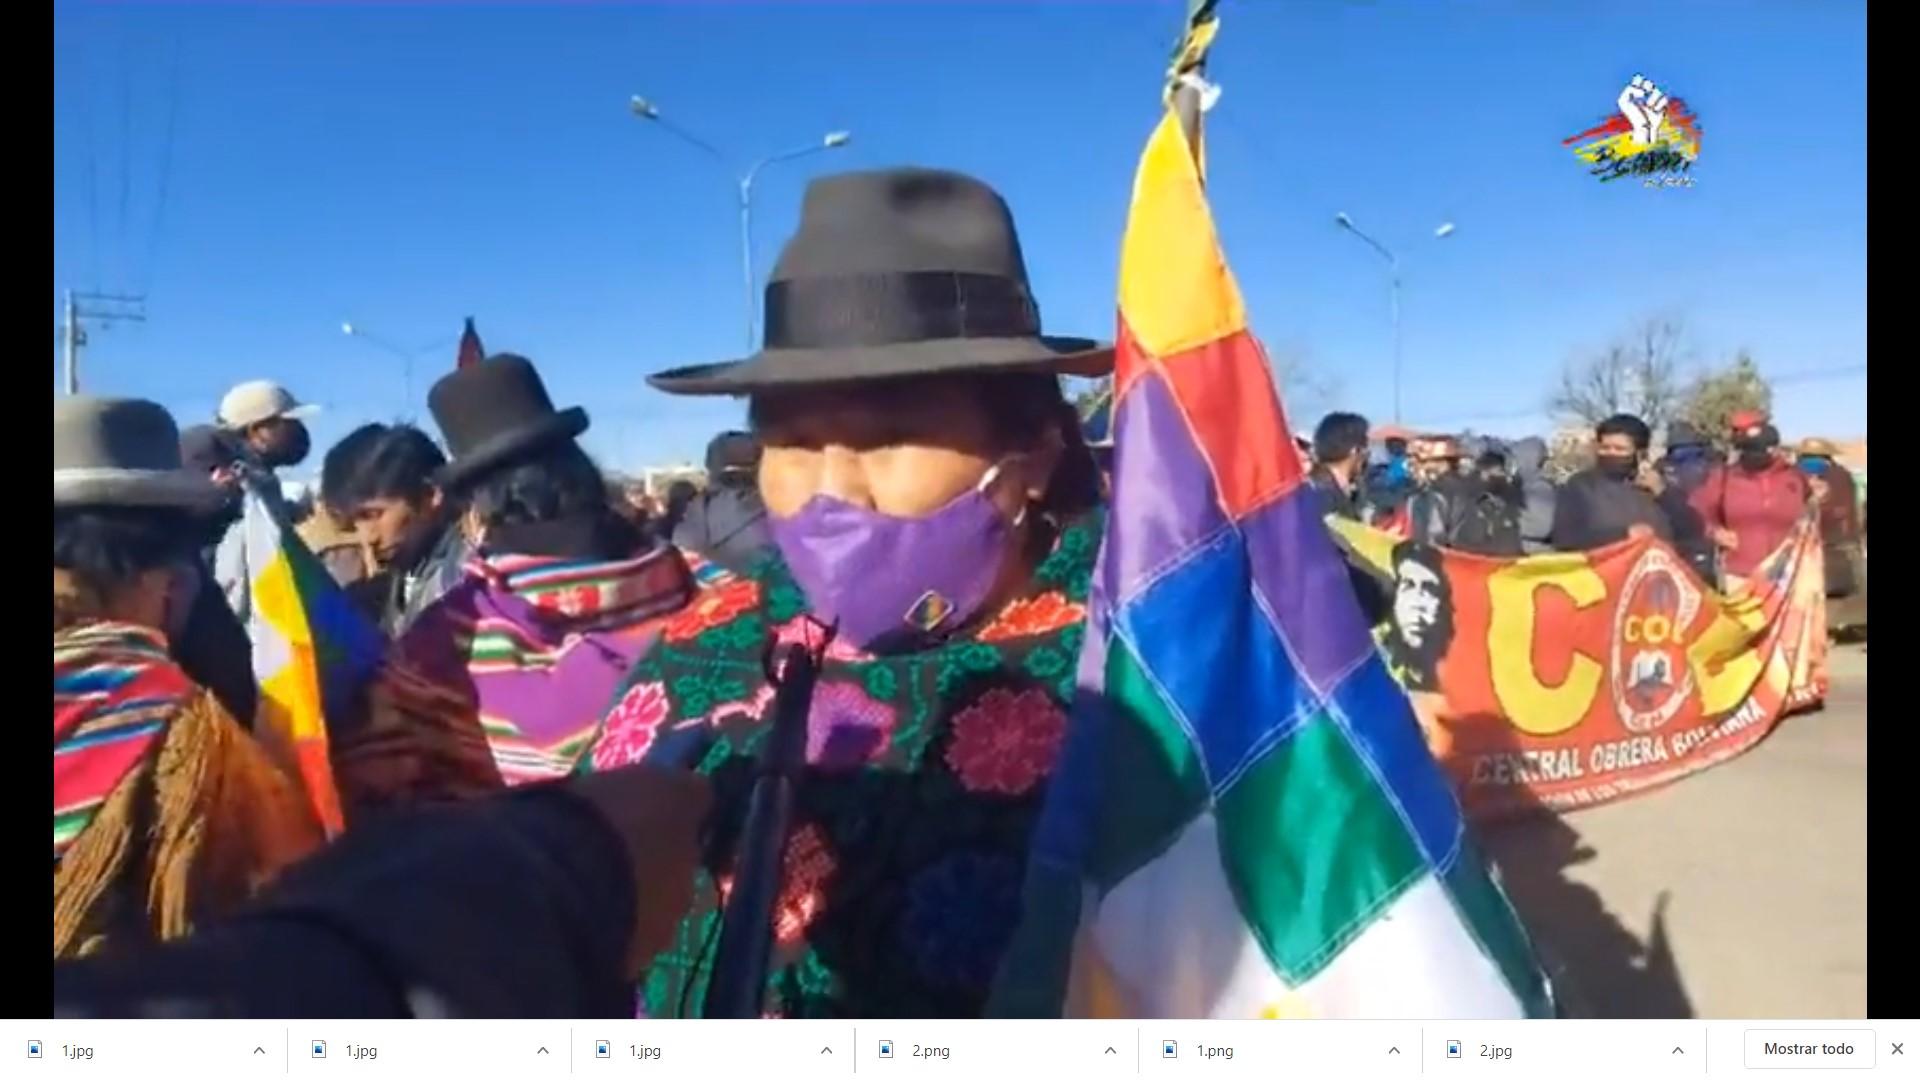 COB y Organizaciones del Pacto de Unidad encabezan movilización en la ciudad de El Alto